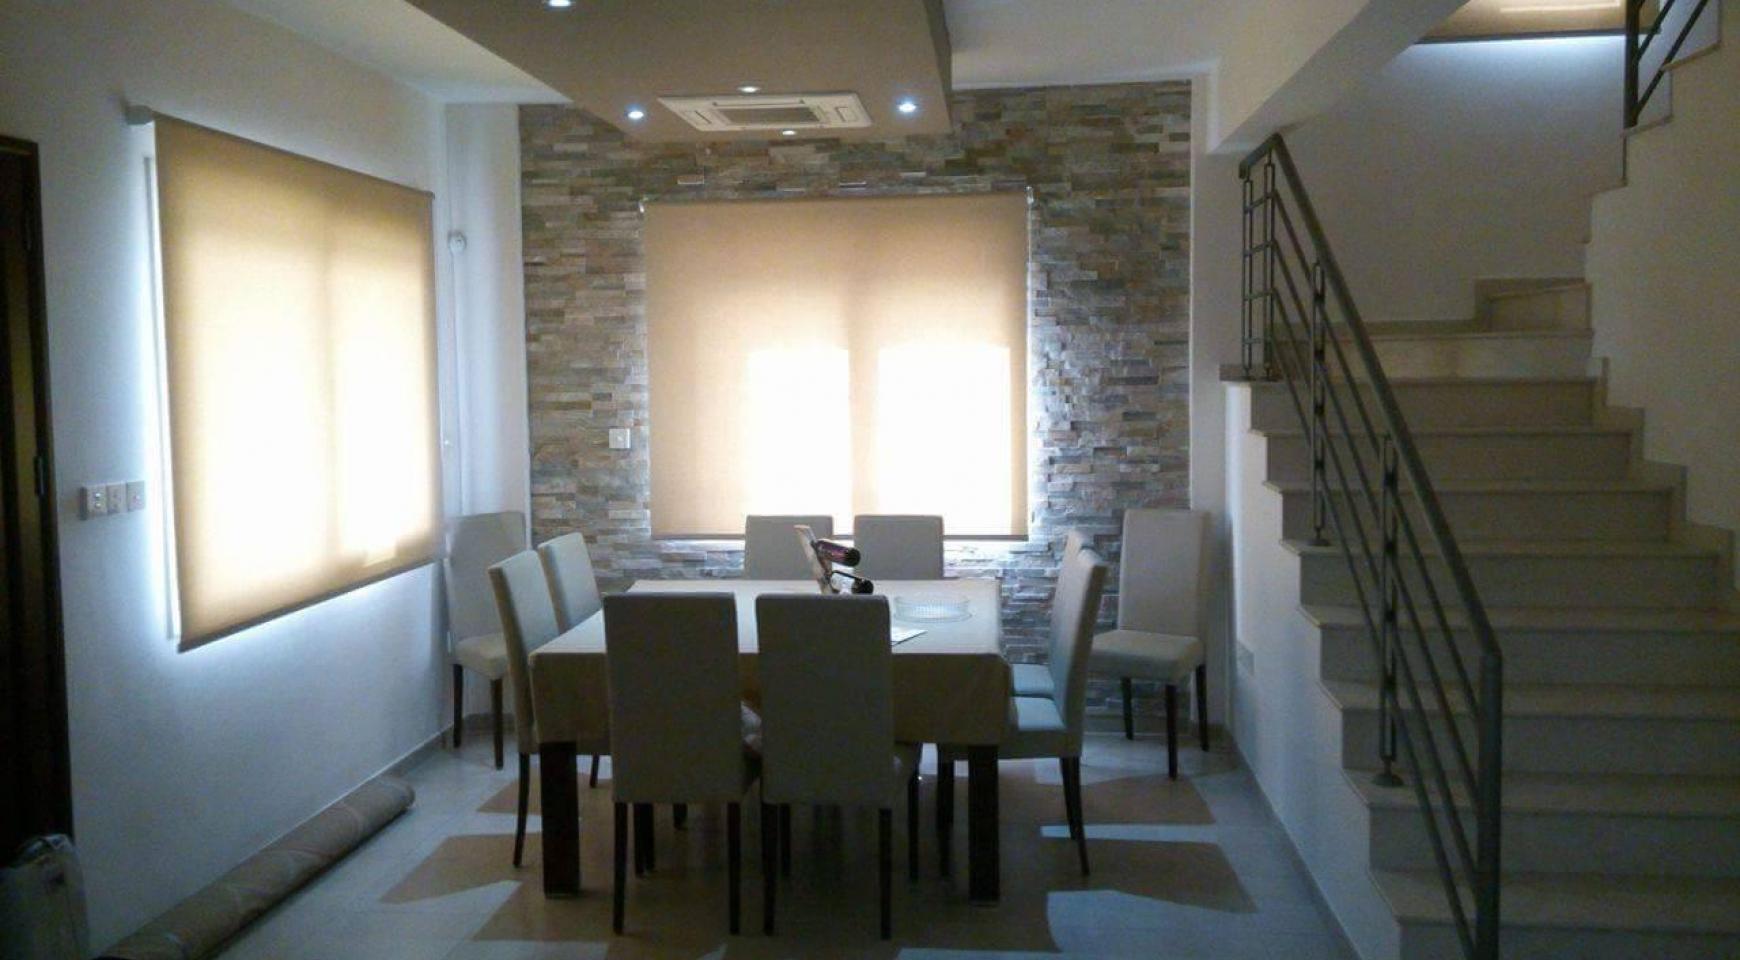 4 Bedroom House in Agios Athanasios Area - 16